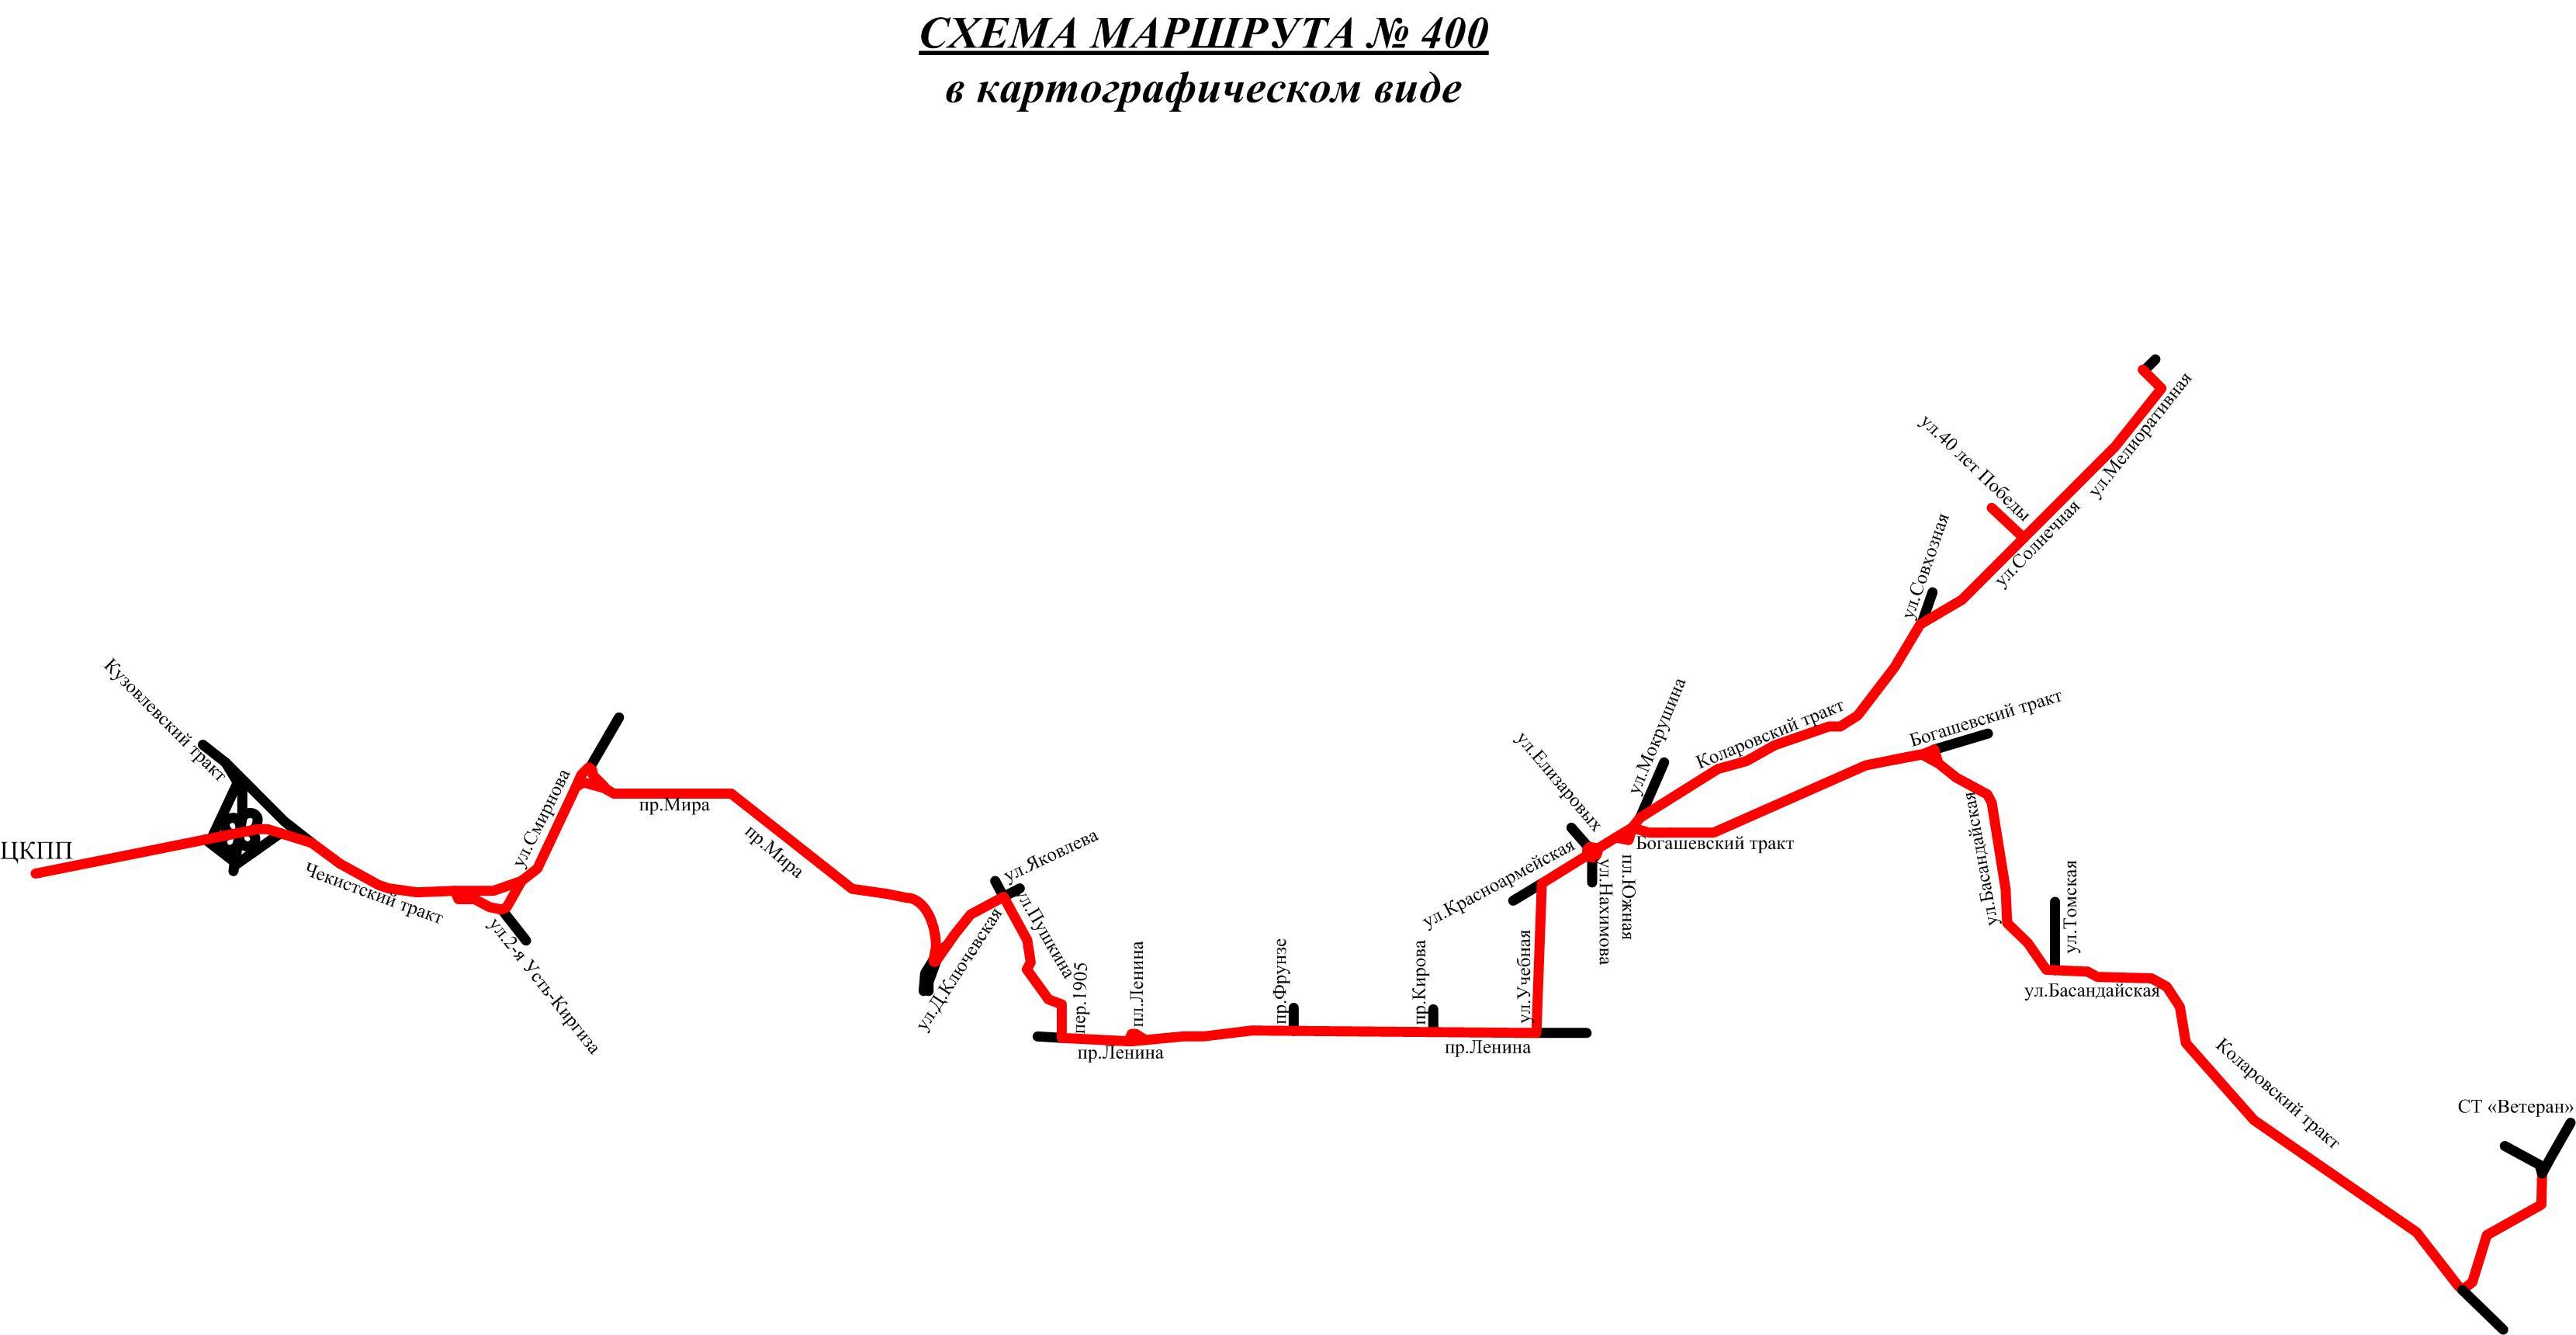 Схема маршрута 400 томск